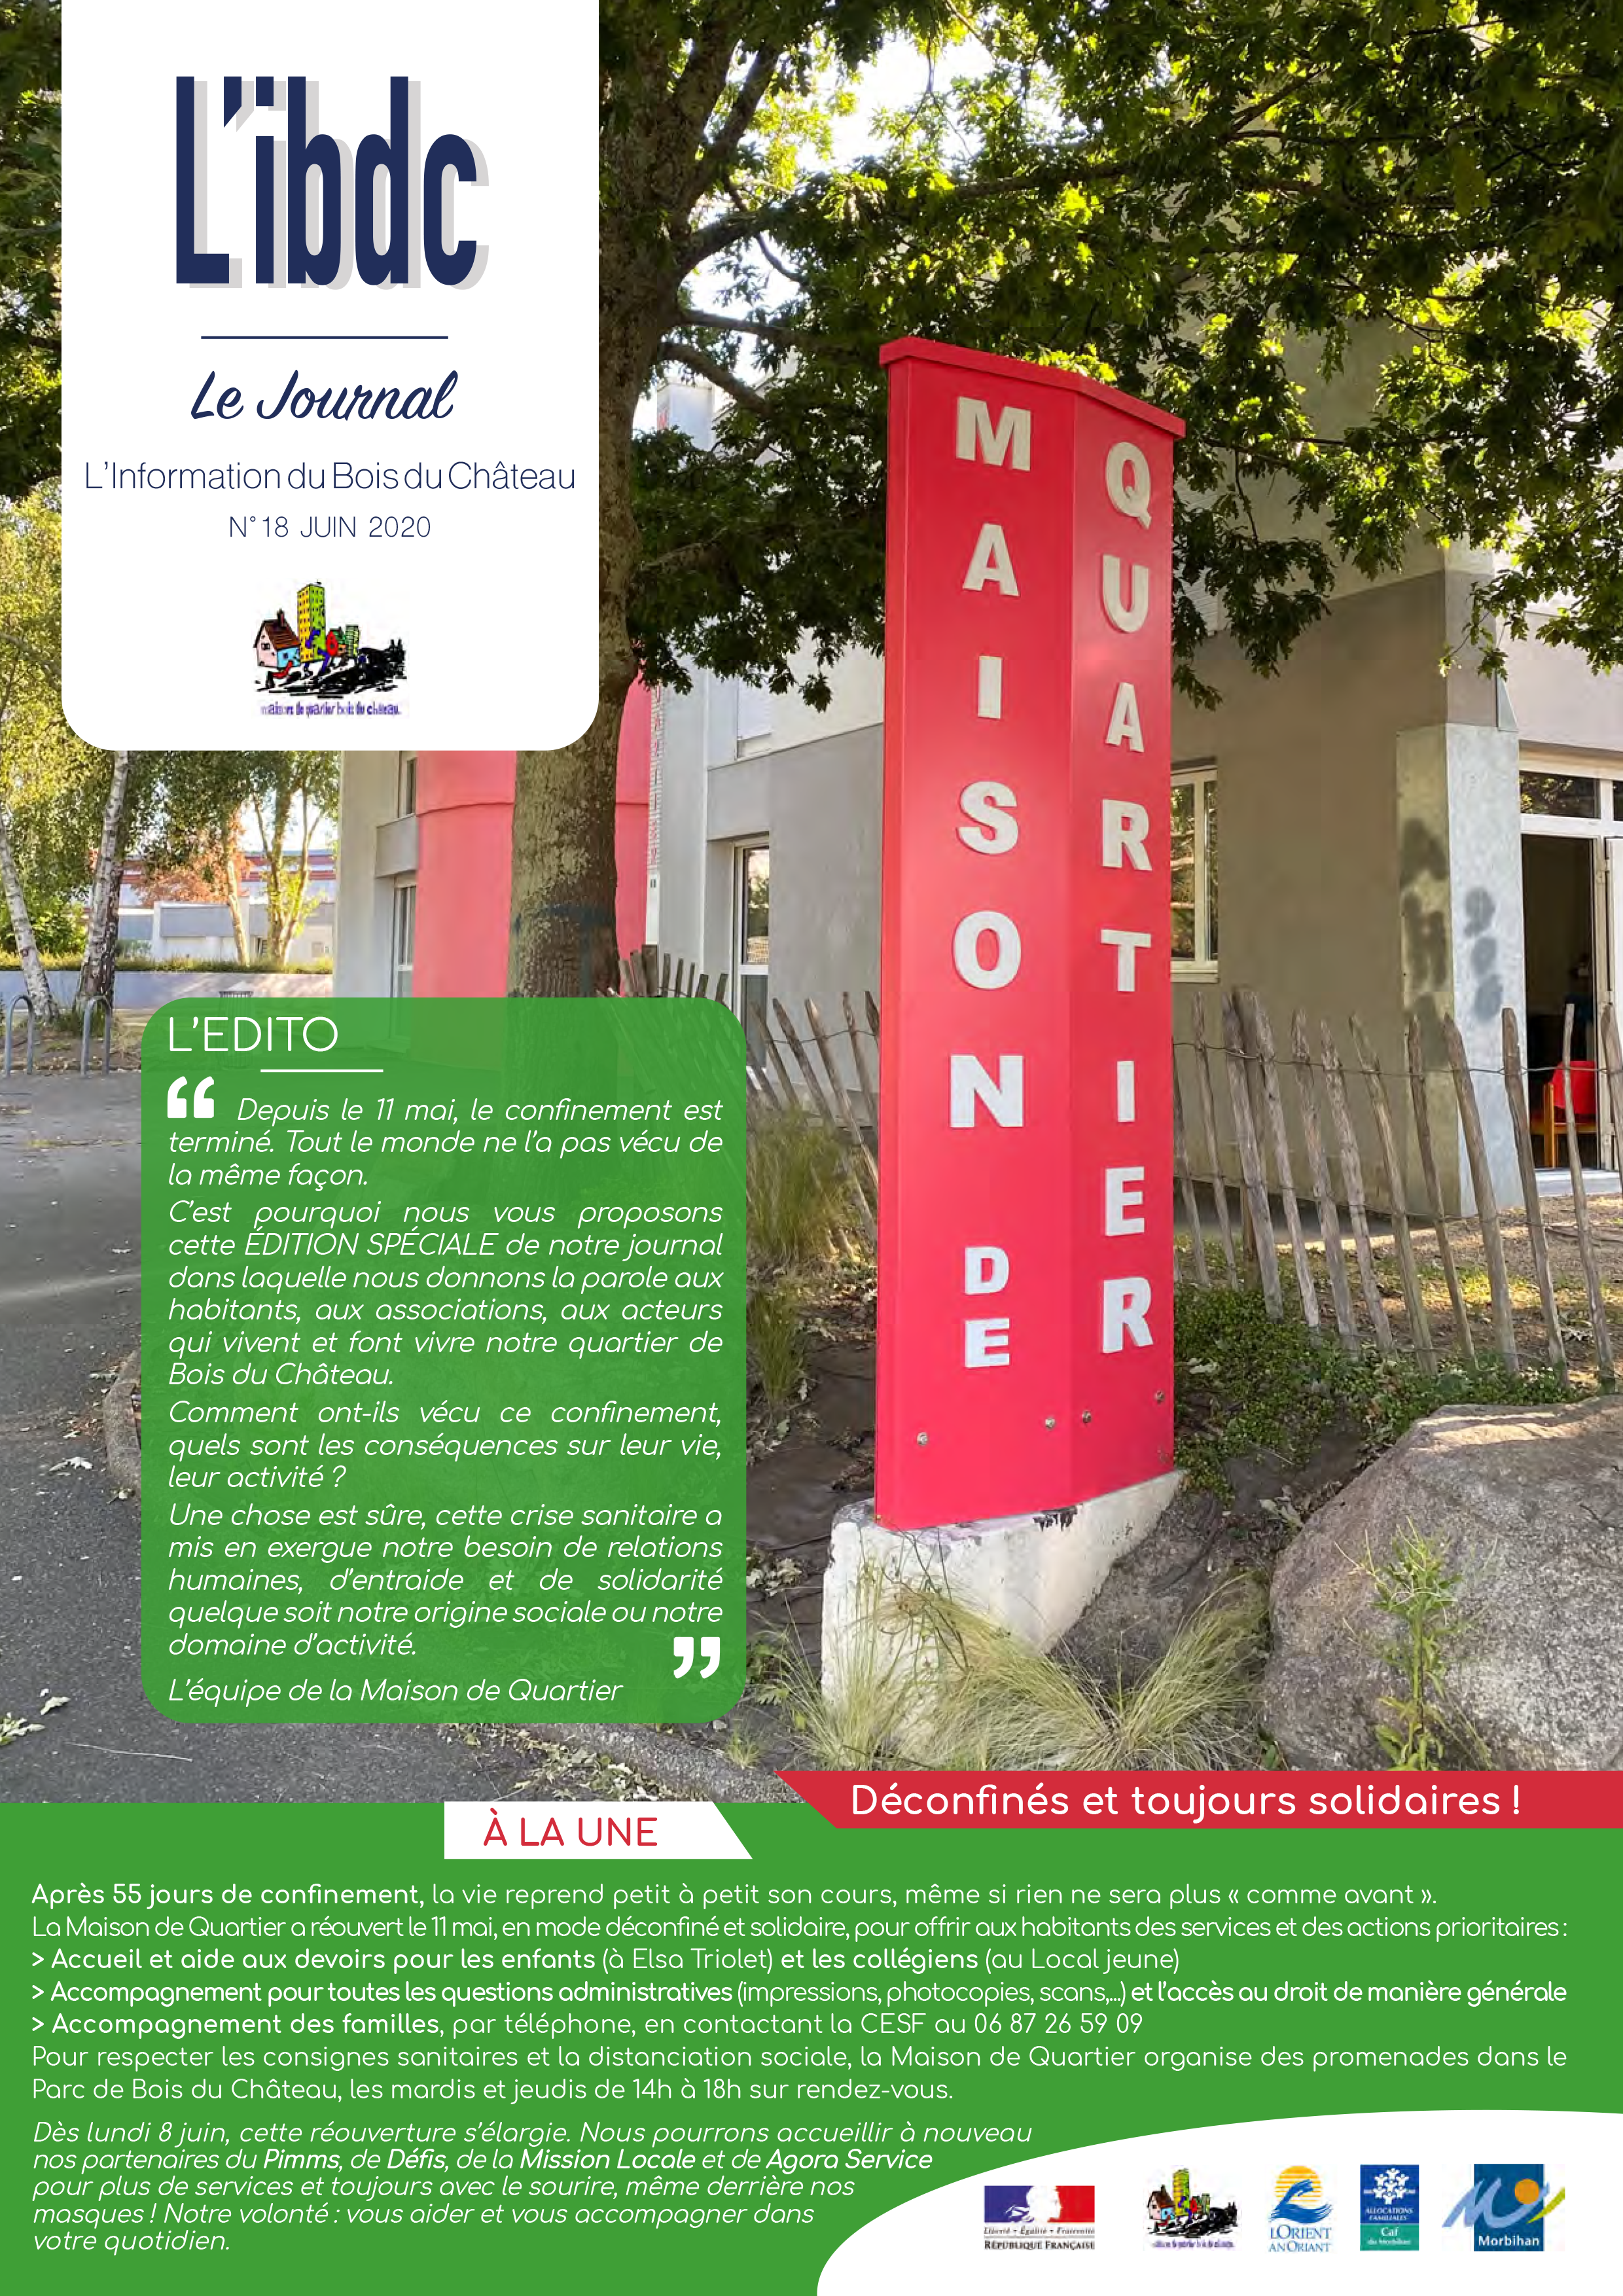 JOURNAL L'IBDC Juin 2020